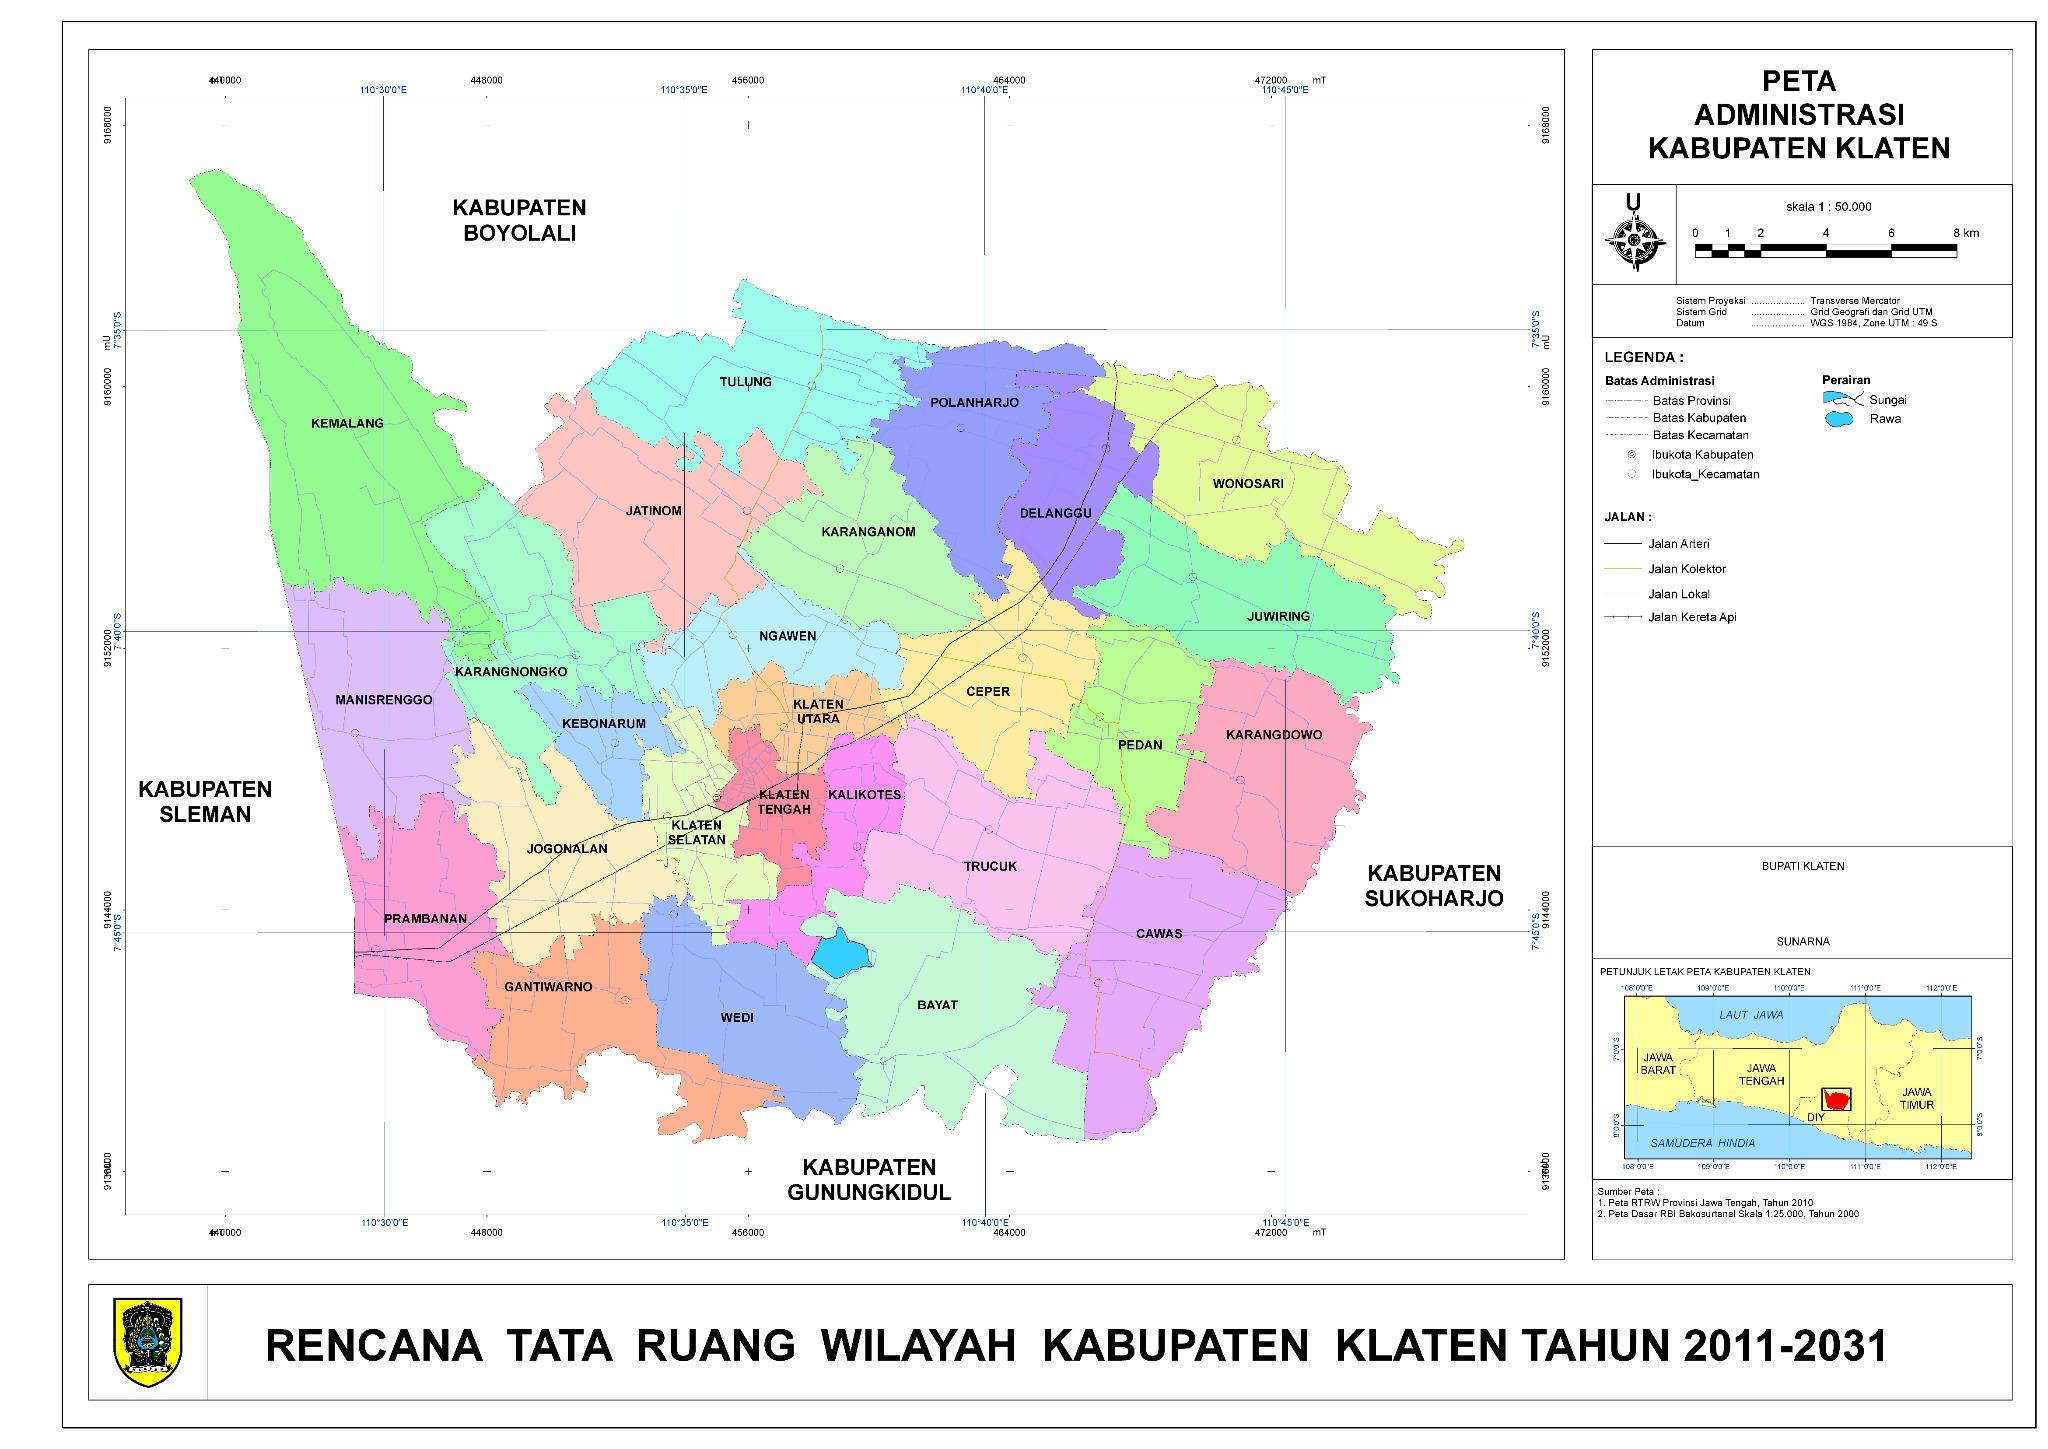 Rencana Tata Ruang wilayah Kabupaten #Klaten tahun 2011-2031 http://t.co/q6hb74vu